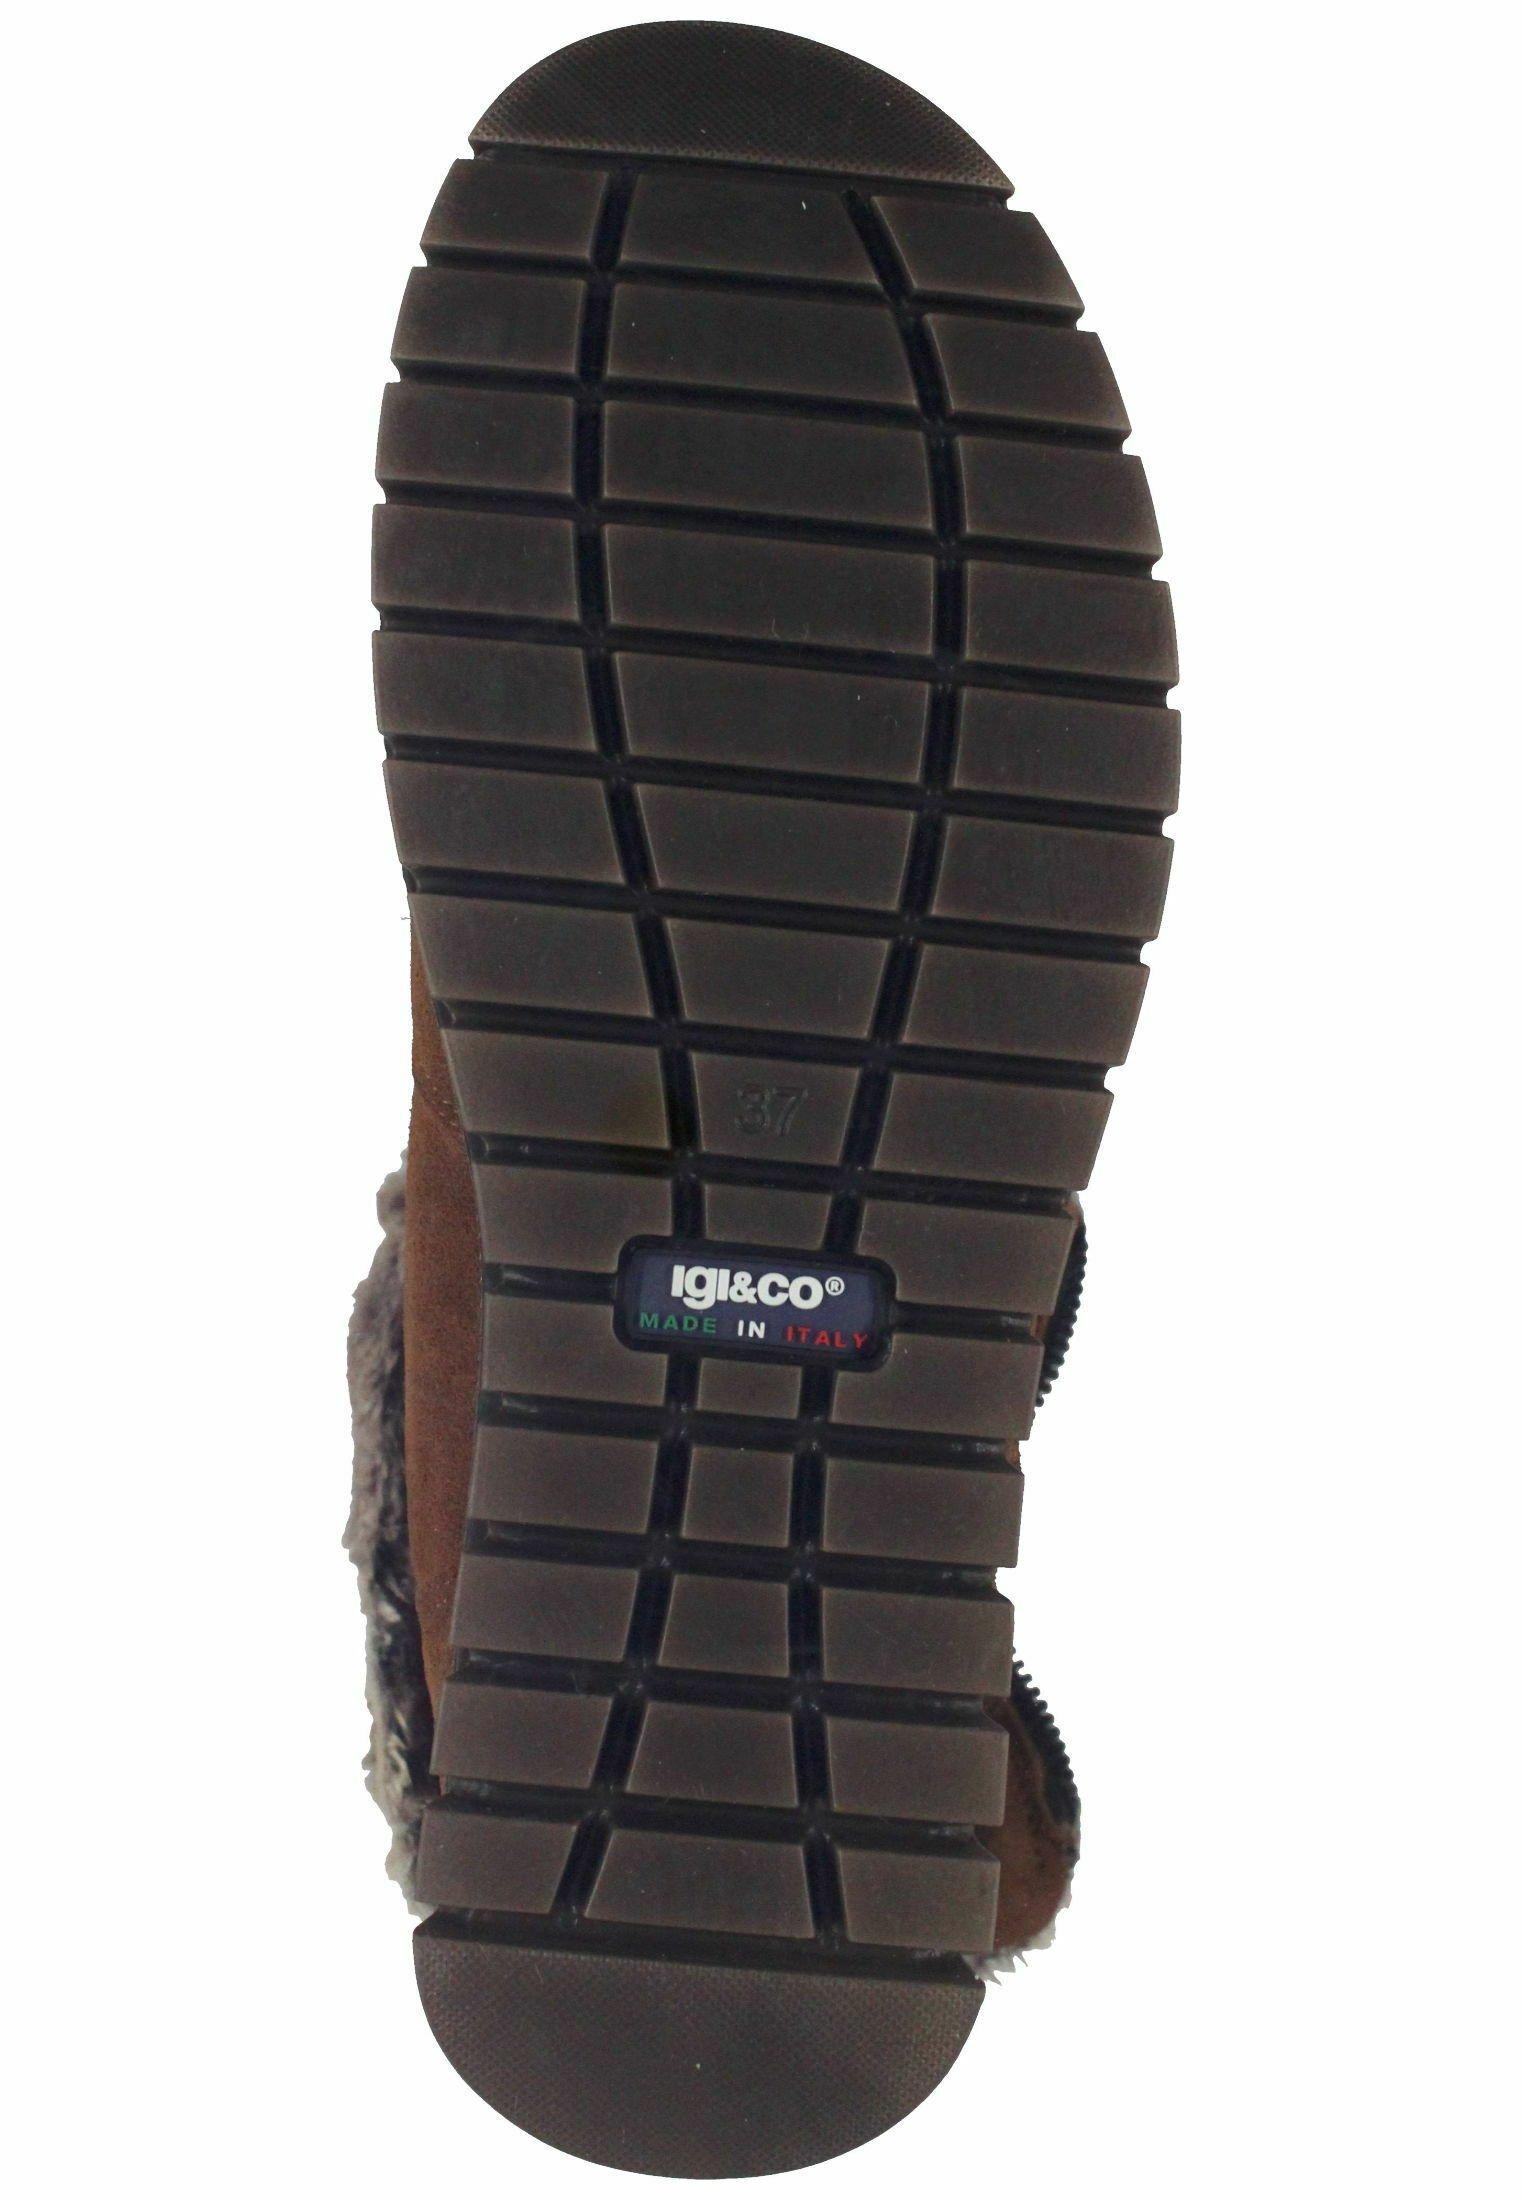 Damen Ankle Boot - cognac